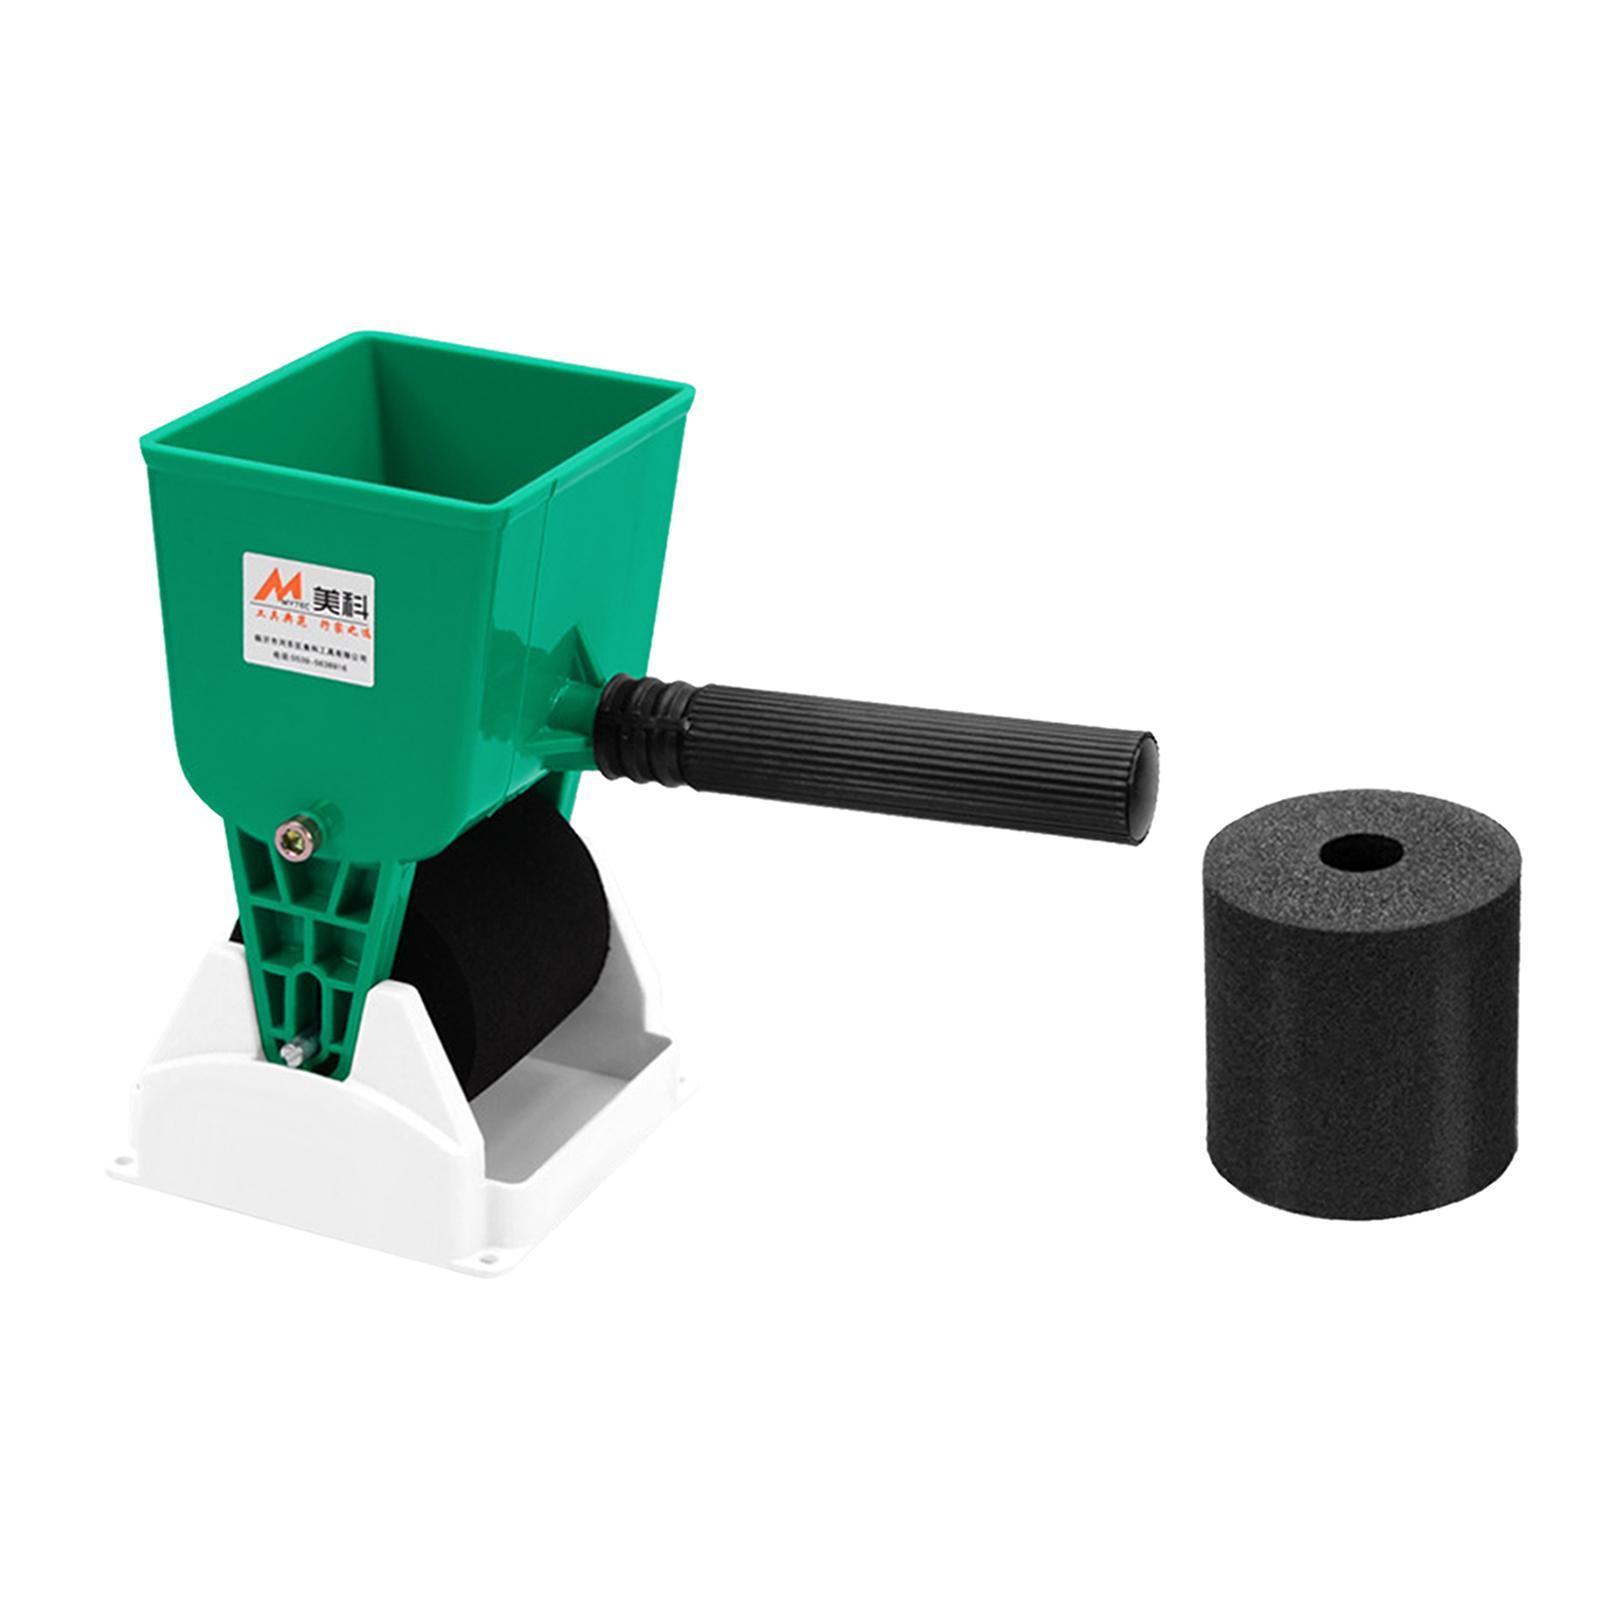 miniatura 8 - 180mL/320mL Portatile Colla Applicatore Rullo Professionale Rivestito Colla